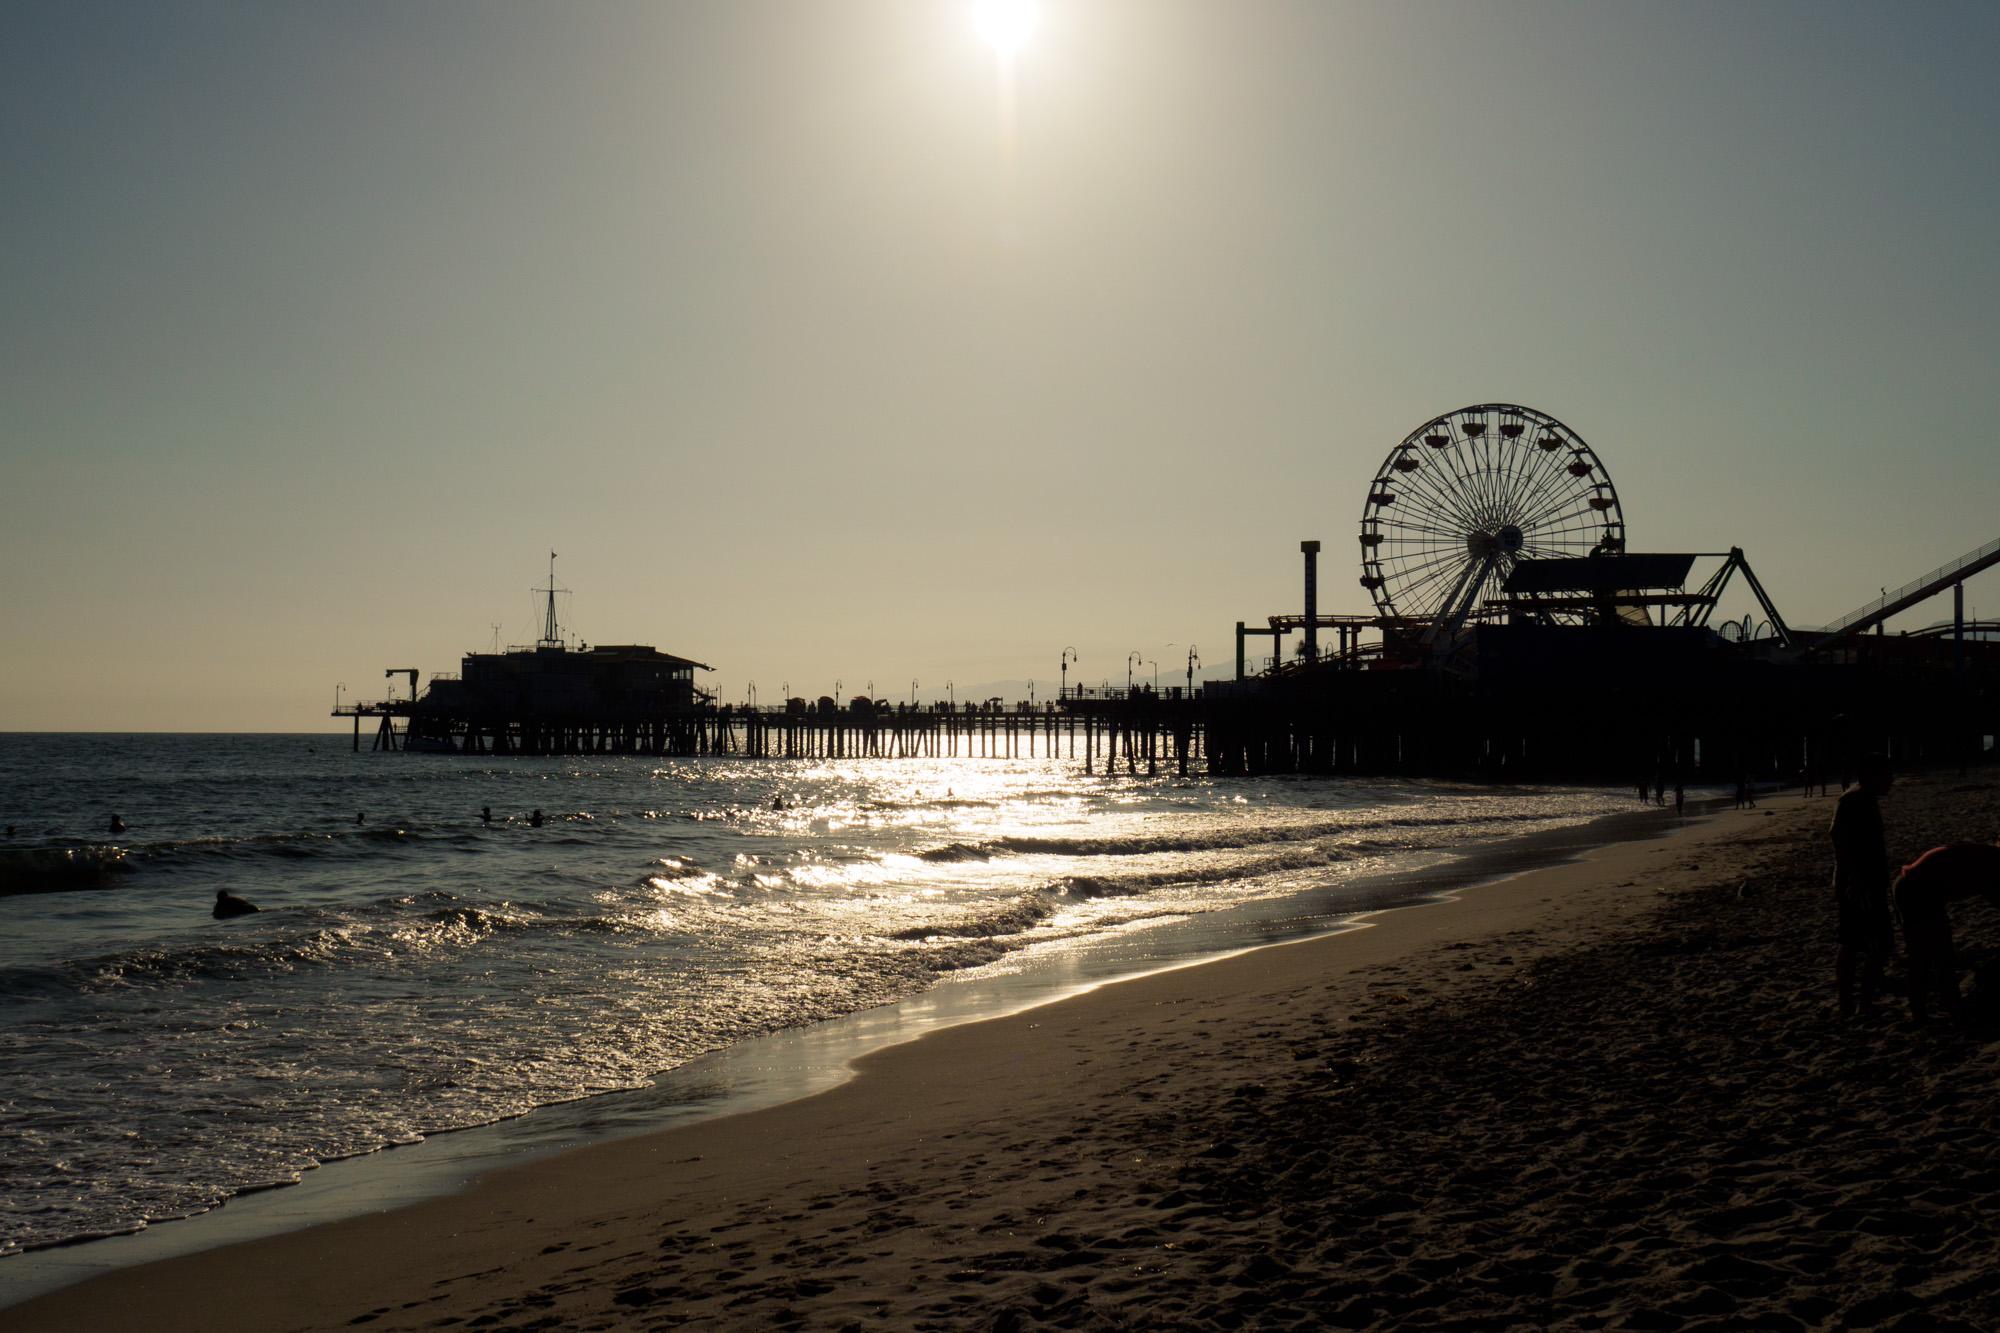 Los Angeles - Santa Monica Pier